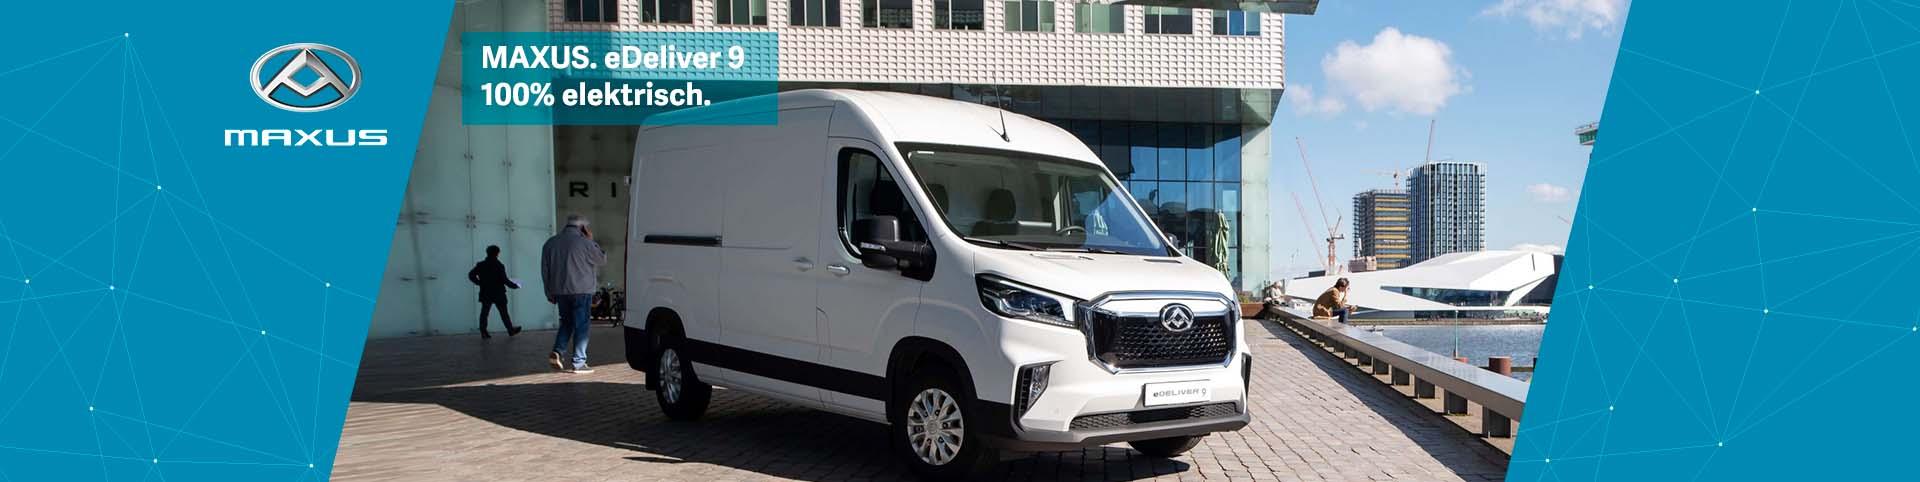 Maxus eDeliver 9 – 100% elektrisches Nutzfahrzeug günstig bei Preckel Autozentrum